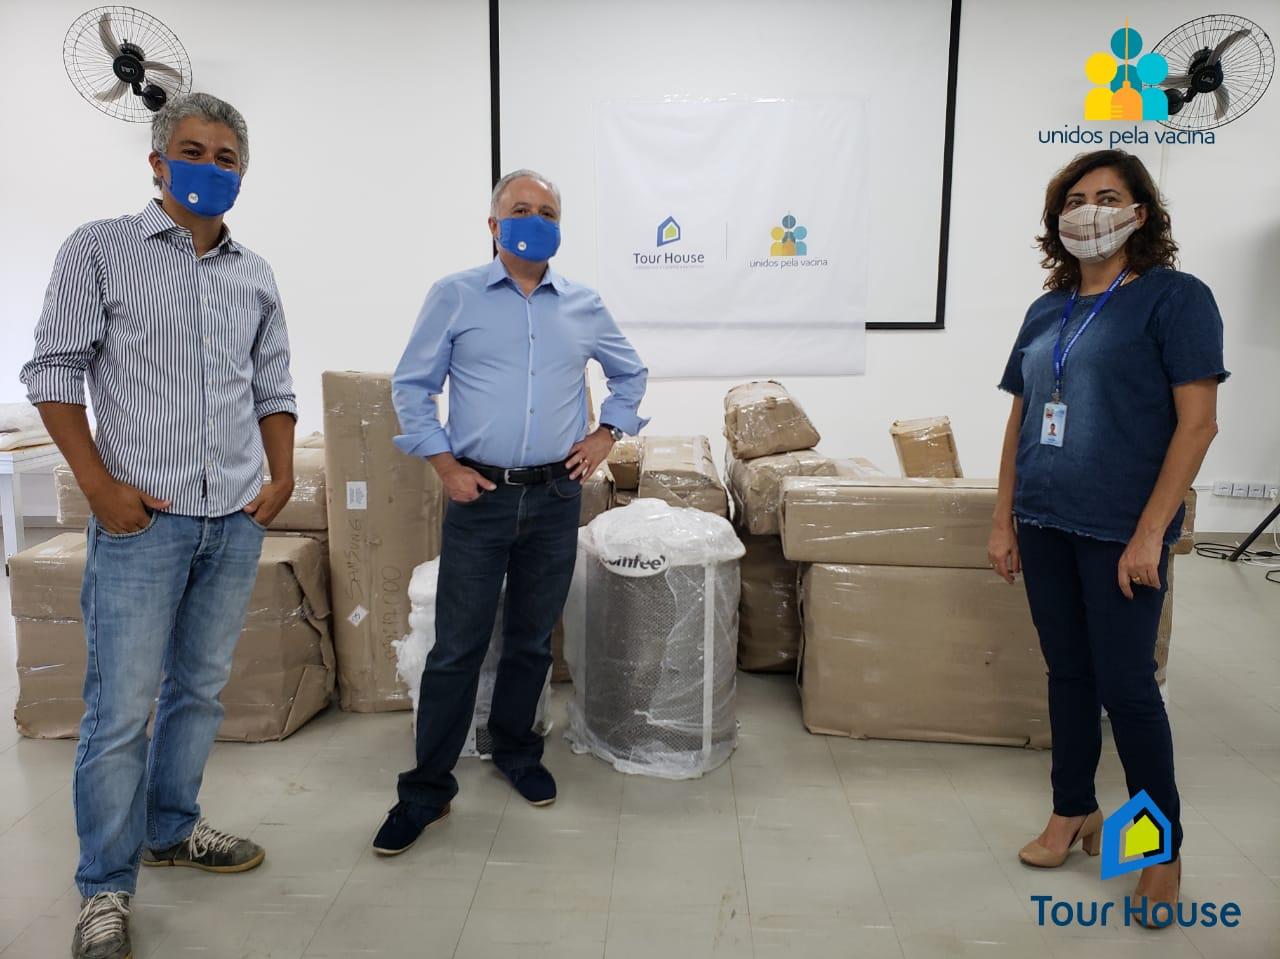 O Turismo tem papel protagonista em movimentos de auxílio a pandemia do covid-19